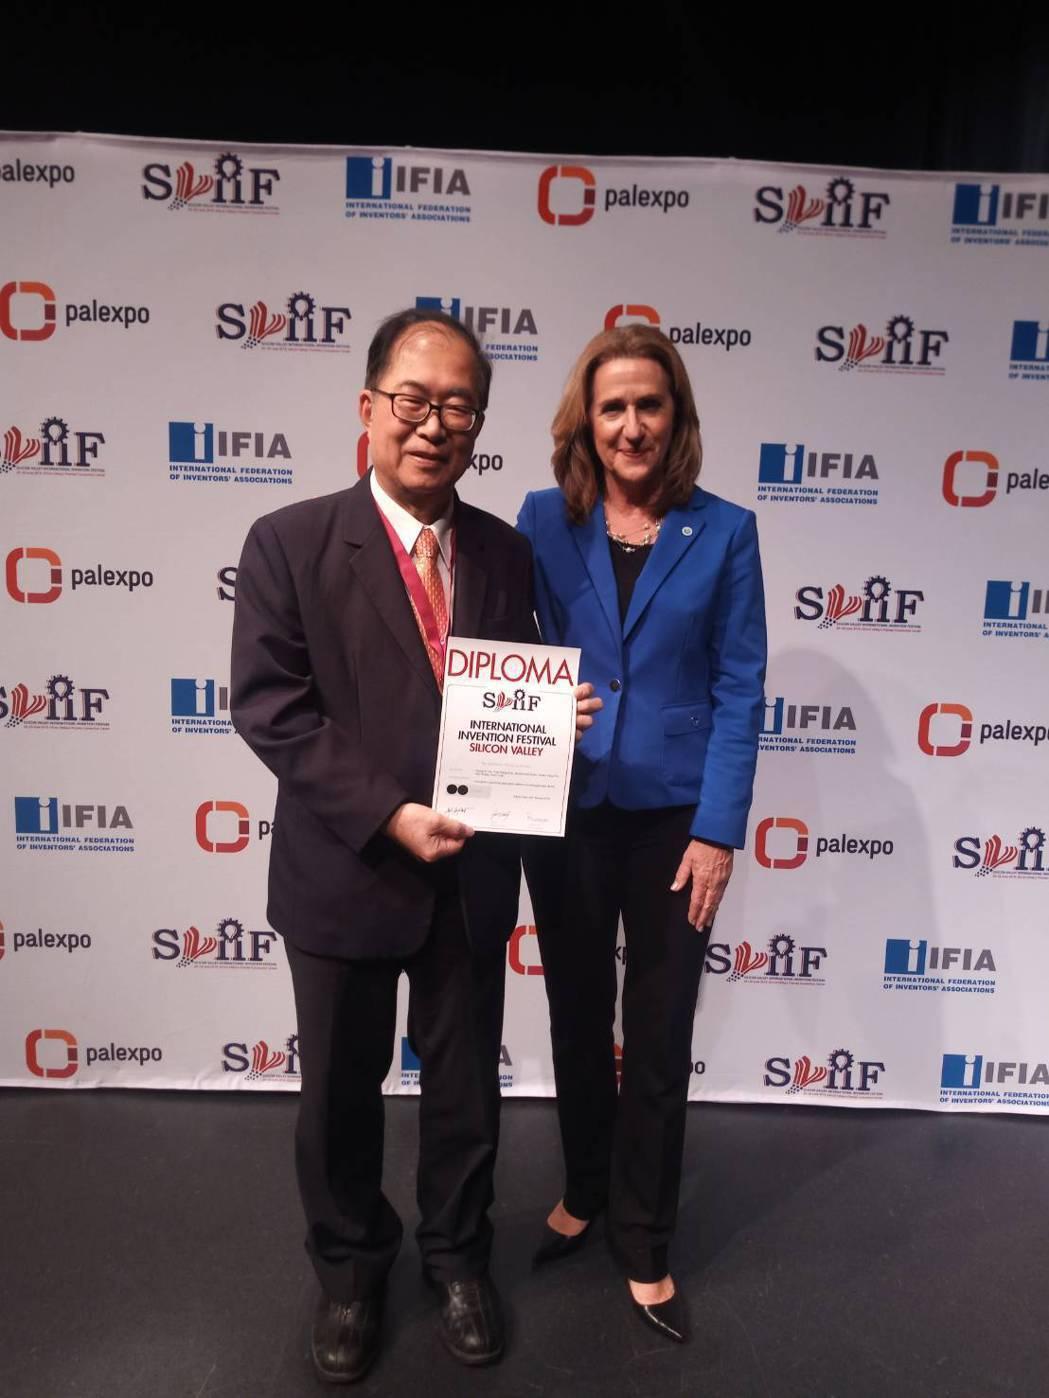 台灣發明協會理事長代表《翔宇生醫科技股份有限公司》受頒獎項。翔宇生醫/提供